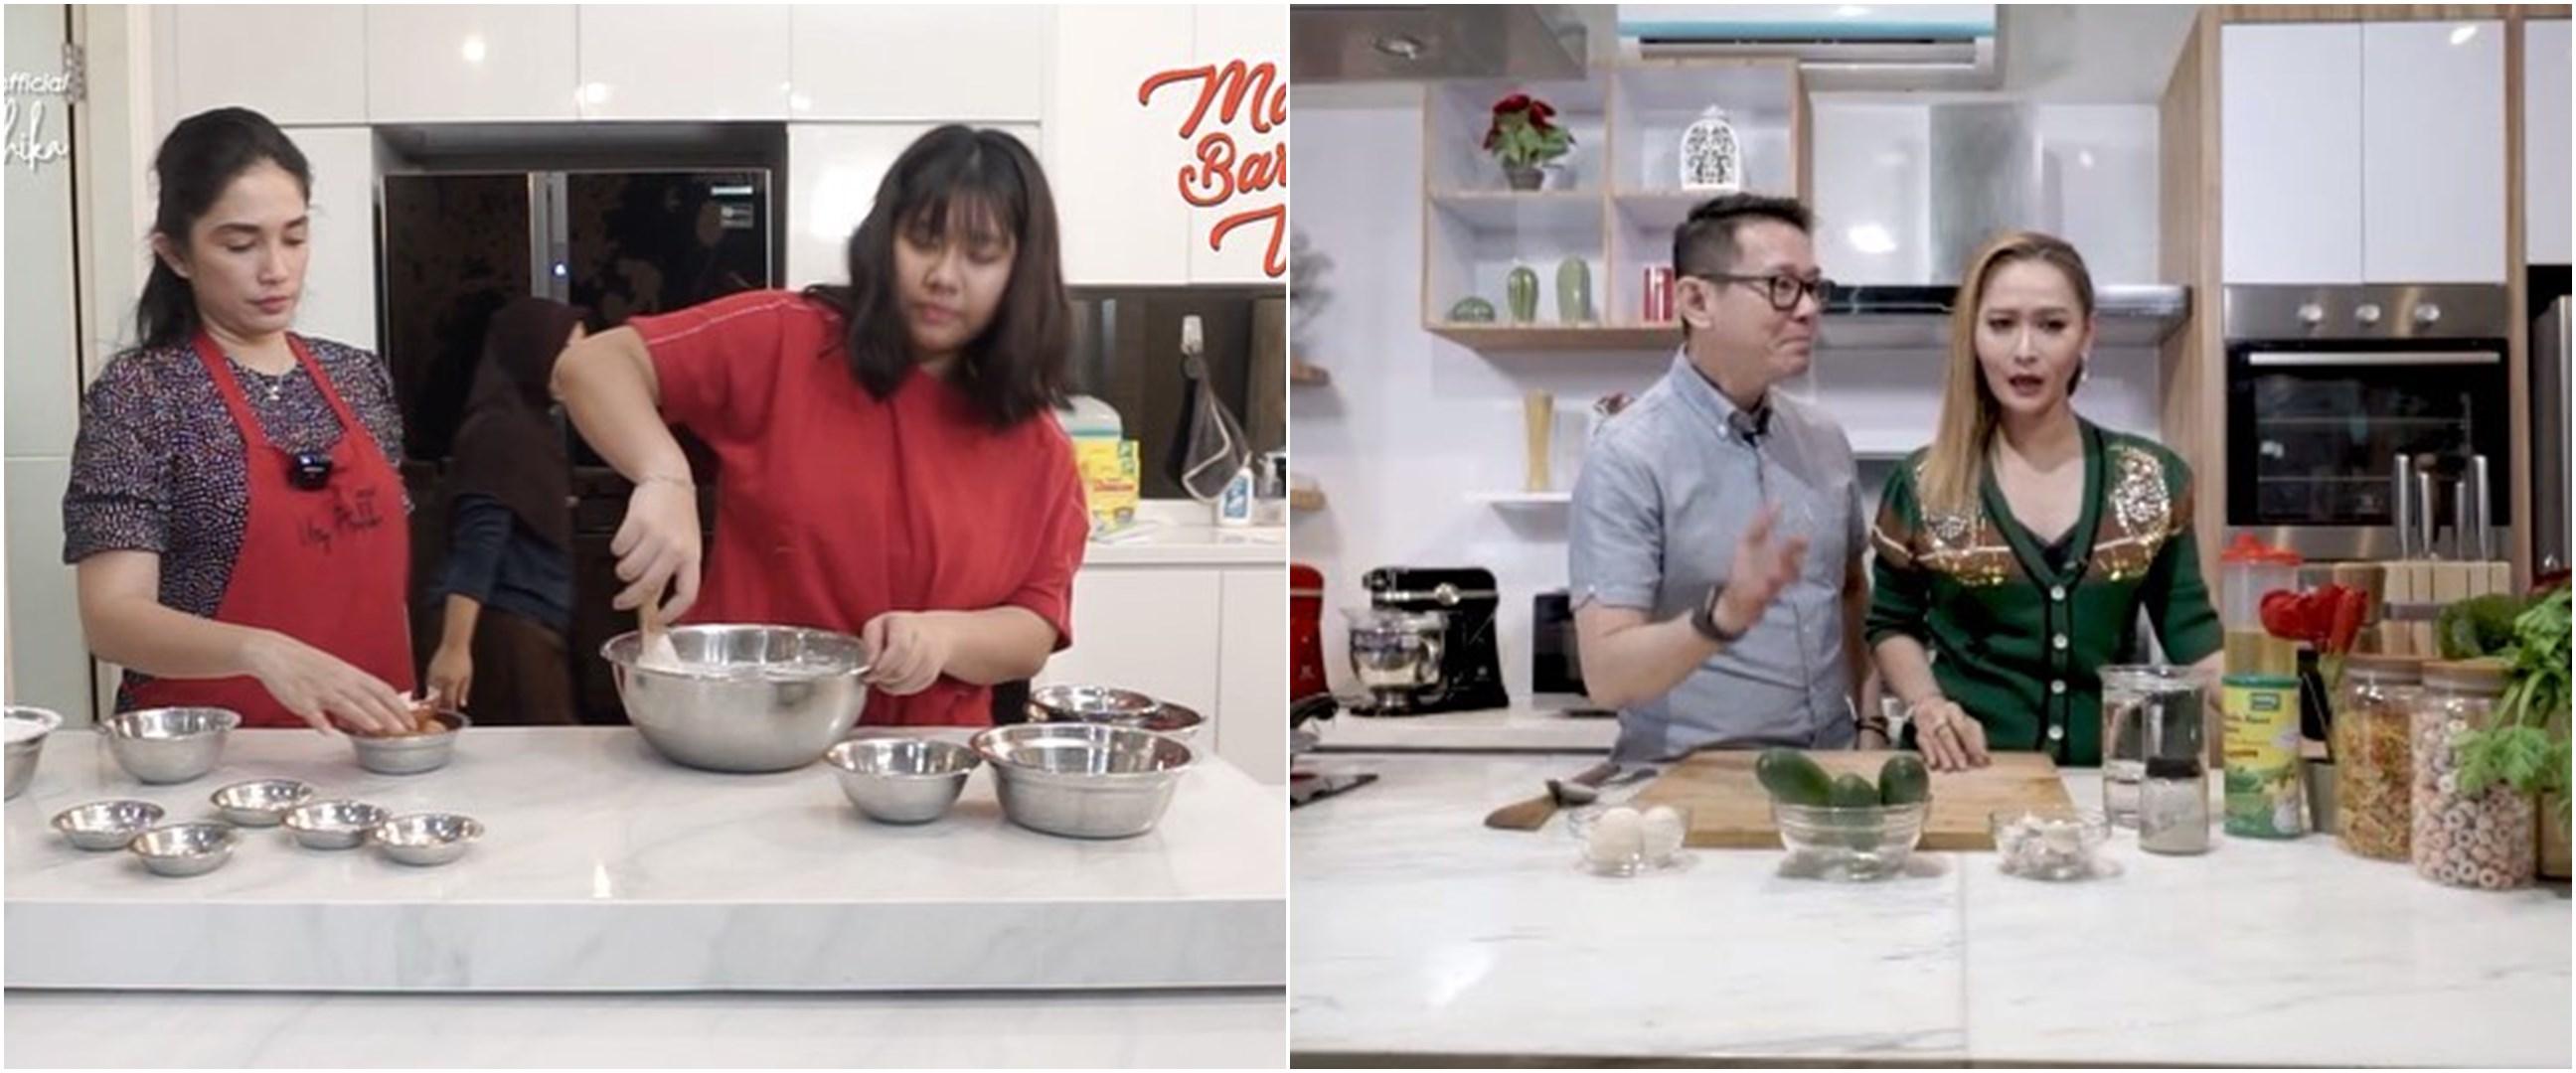 Tutorial memasak ala 5 seleb saat karantina ini simpel & bisa dicoba